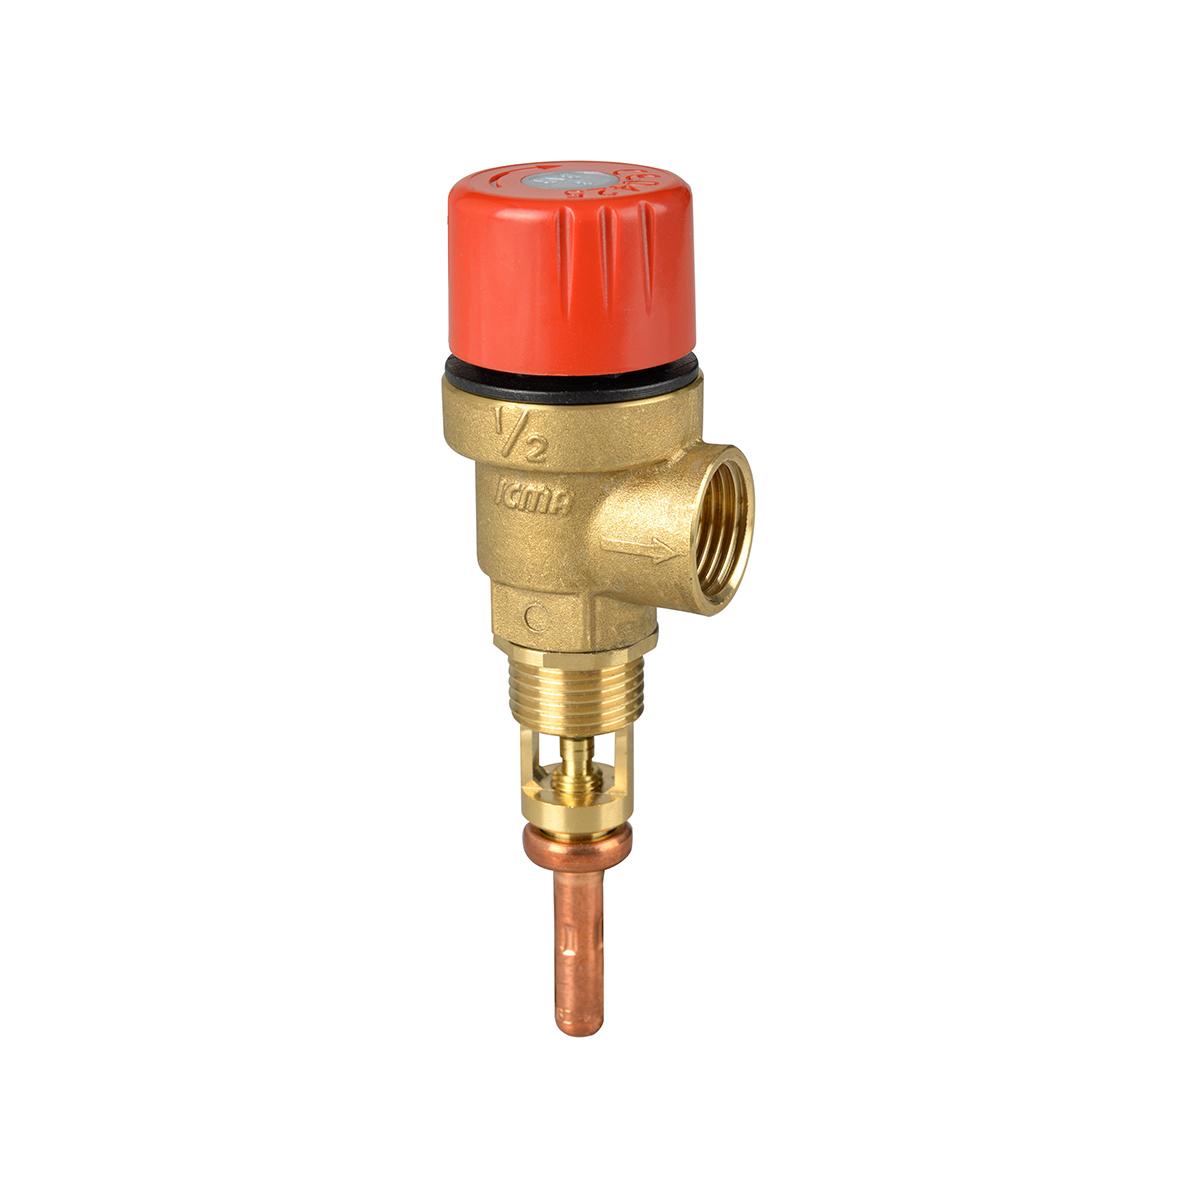 Valvola di sicurezza per scarico acqua calda in un accumulo